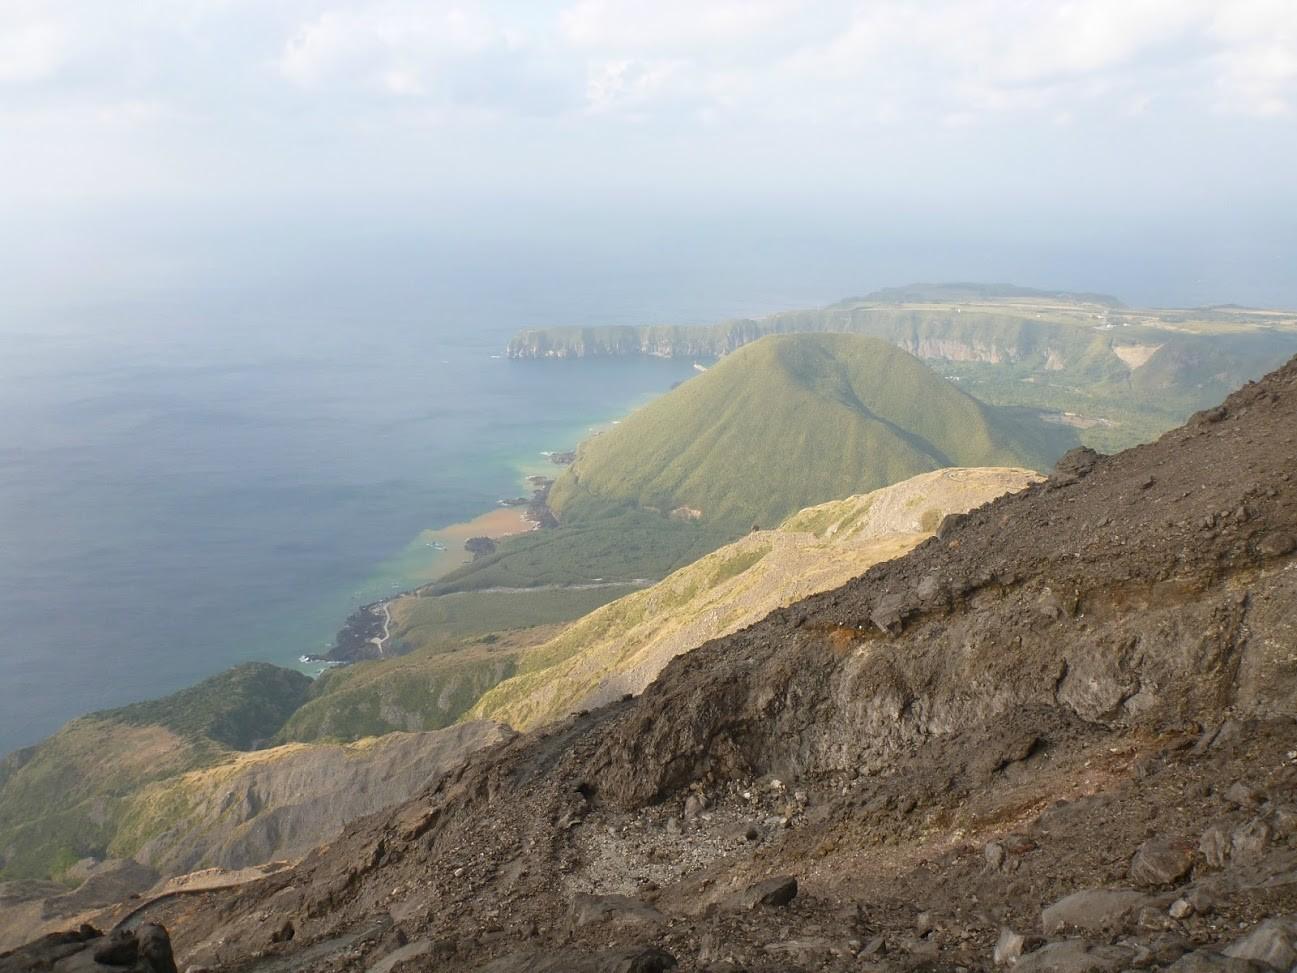 Mt. Satsuma-Iwo